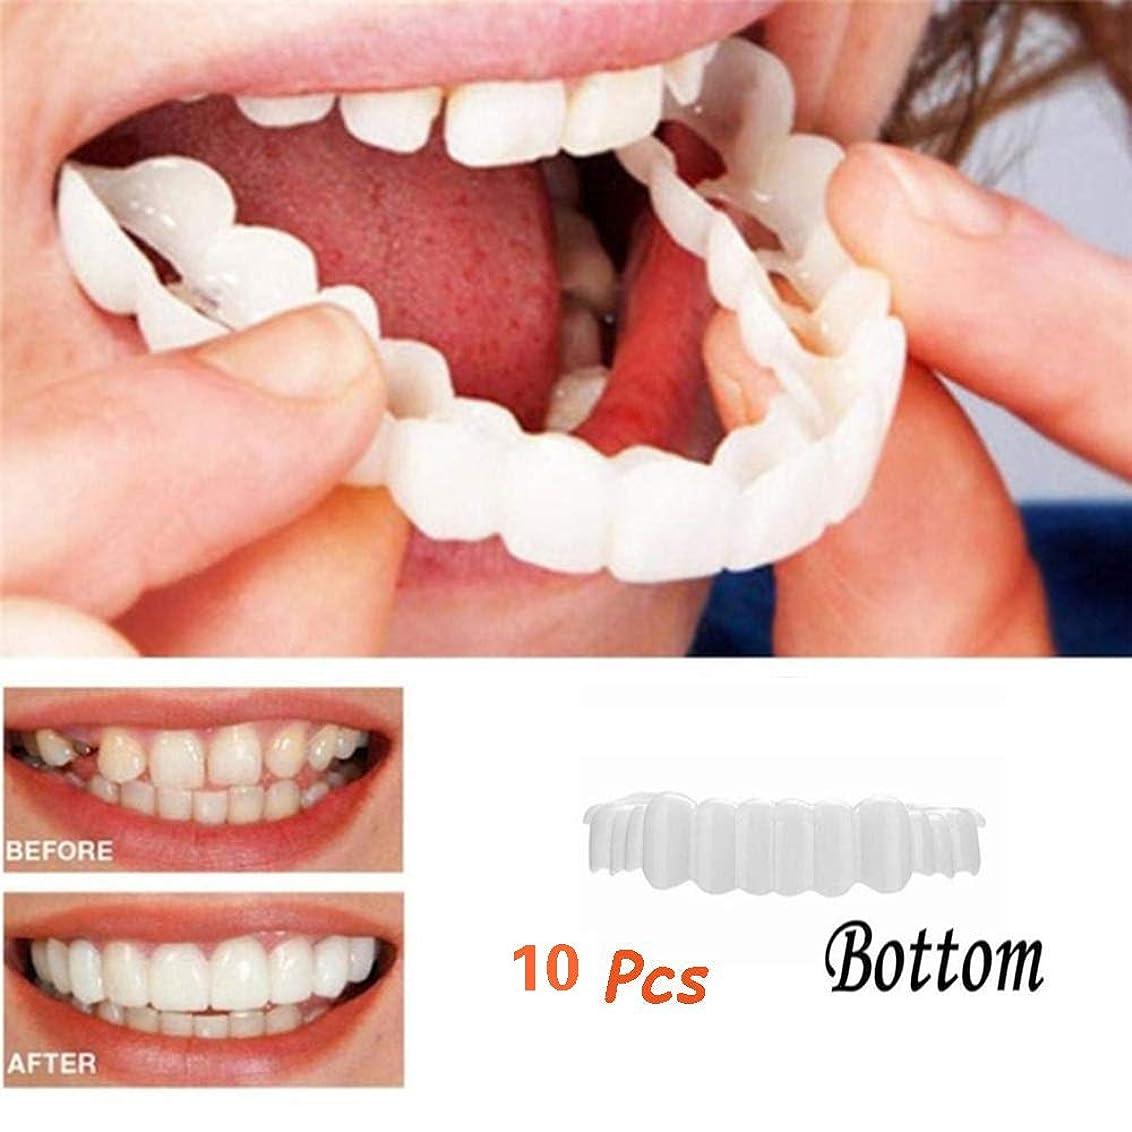 実現可能発表するレース10ピース化粧品歯化粧品歯科スナップインスタントパーフェクトスマイルコンフォートフィットフレックス歯白い歯カバーフィットほとんどの偽底歯